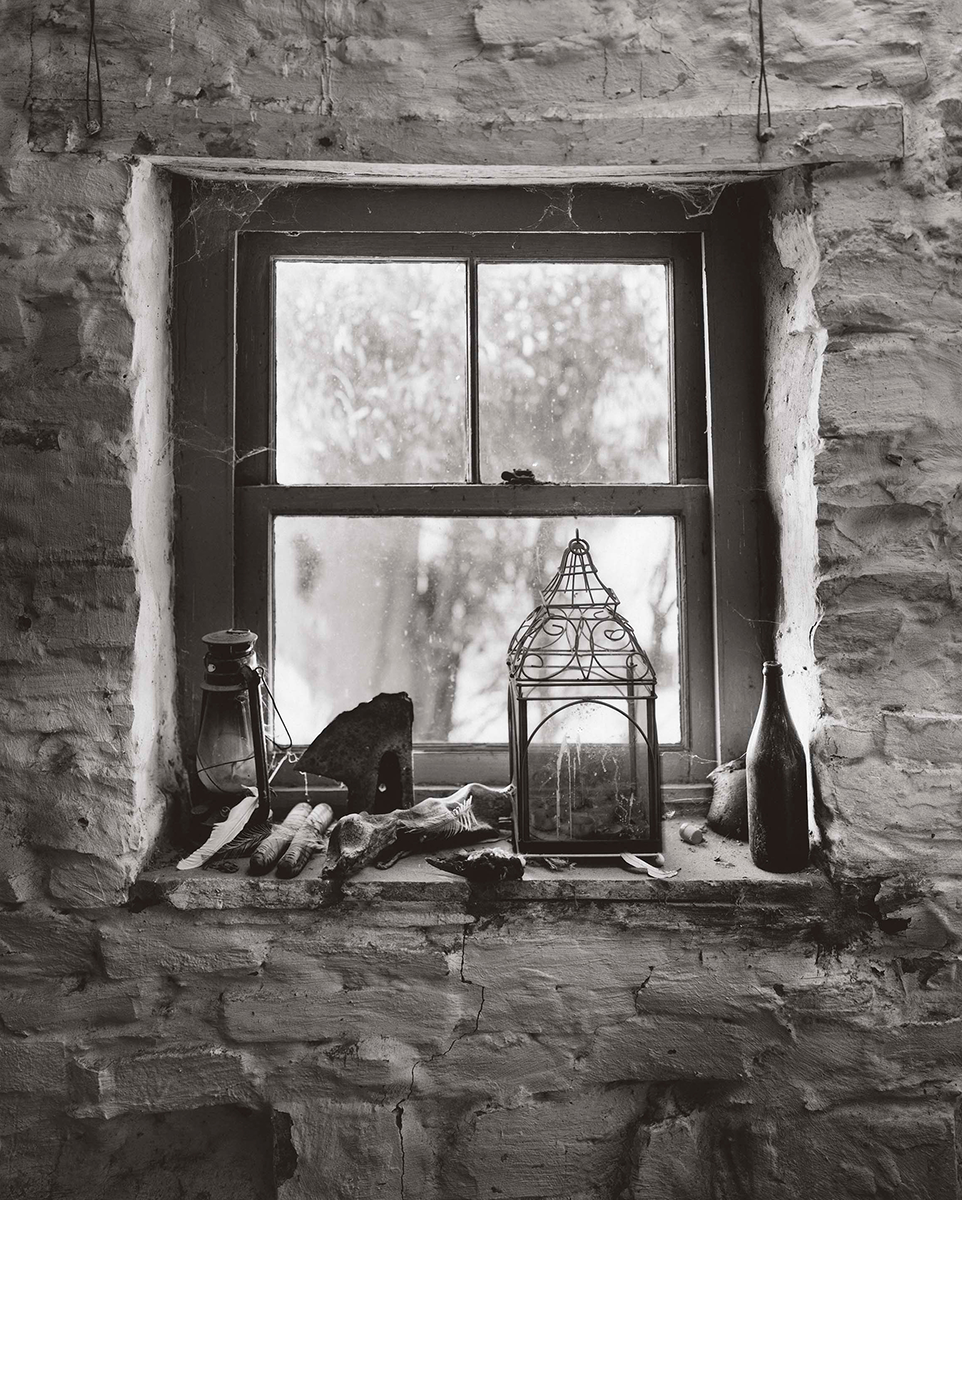 Winnowie Hut (detail)